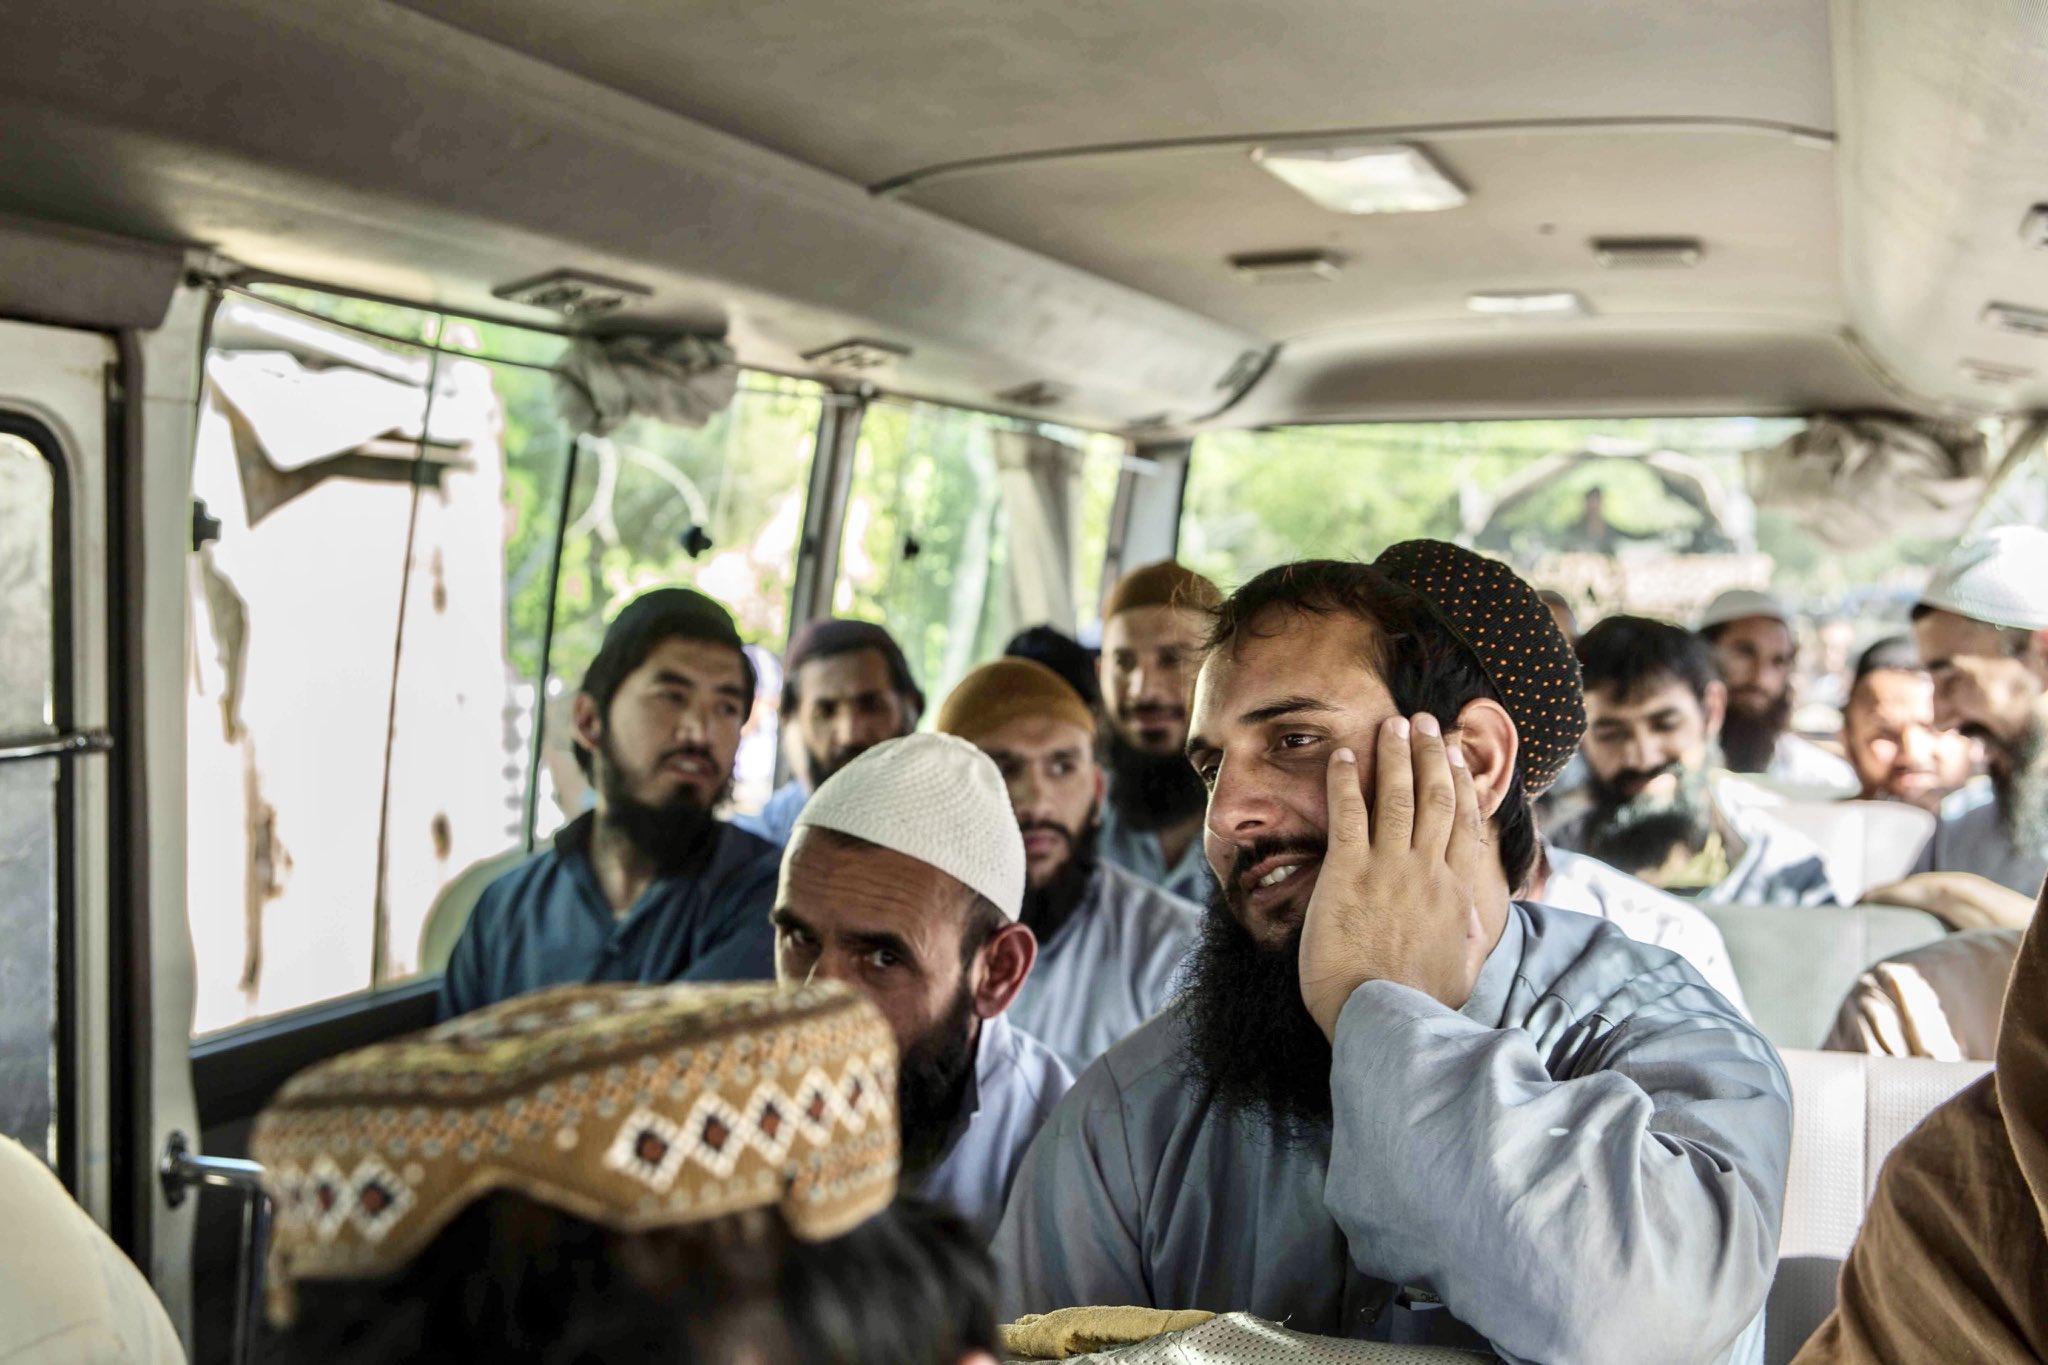 زندانیان طالبان 1 - انتقاد شدید نماینده گان ولسی جرگه از ناکامی پروسه صلح و آزادی زندانیان طالبان